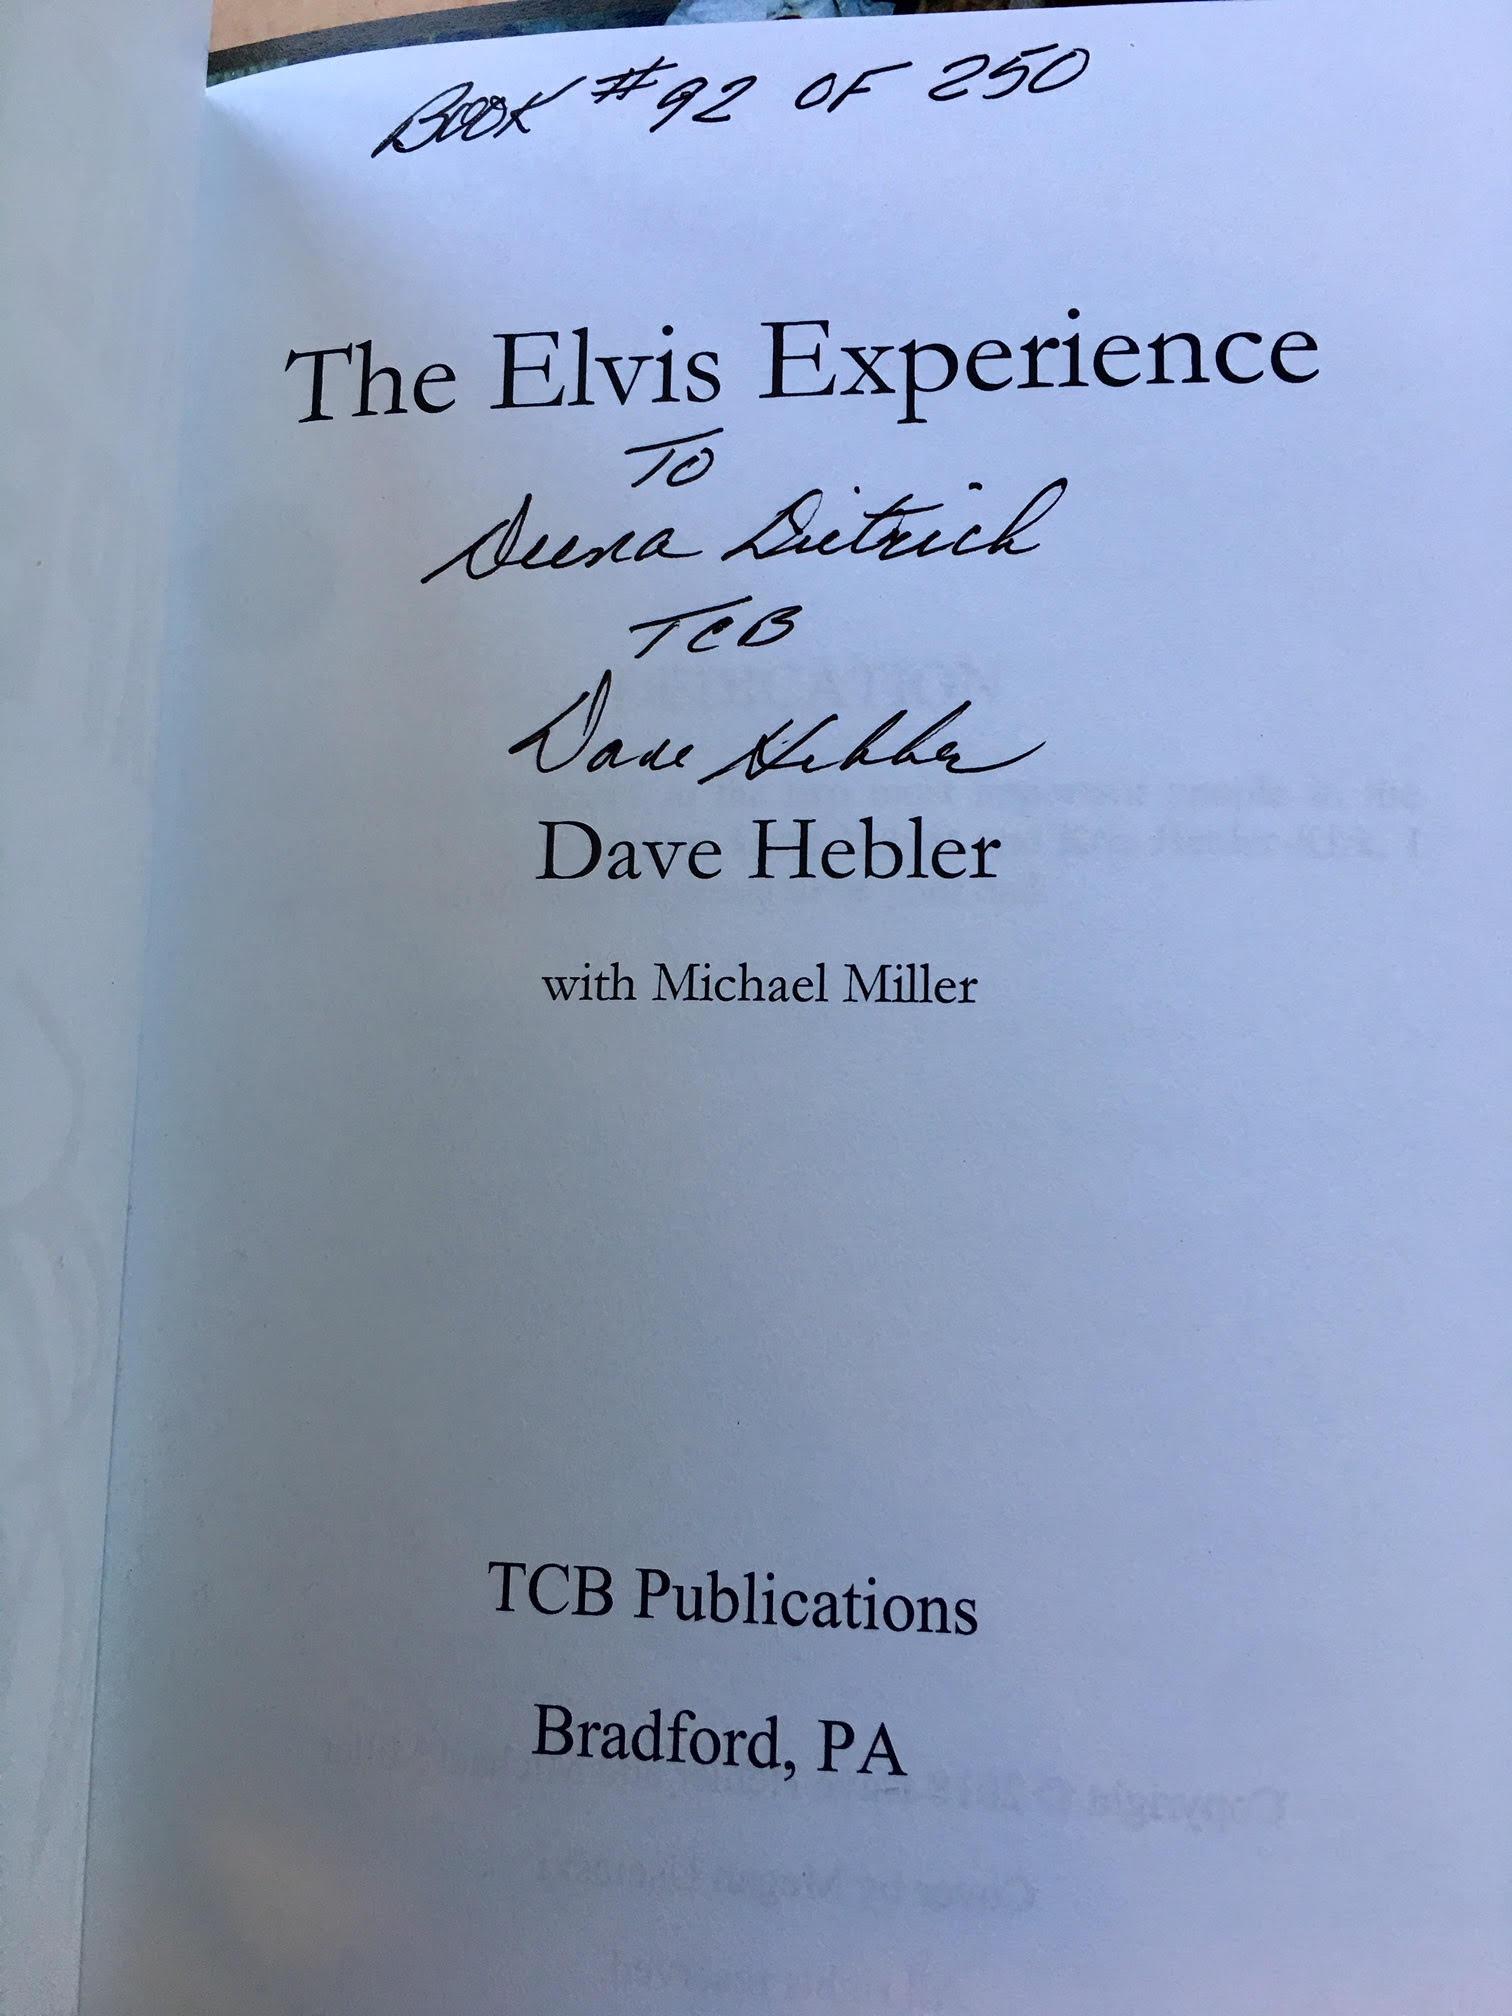 hebler signed